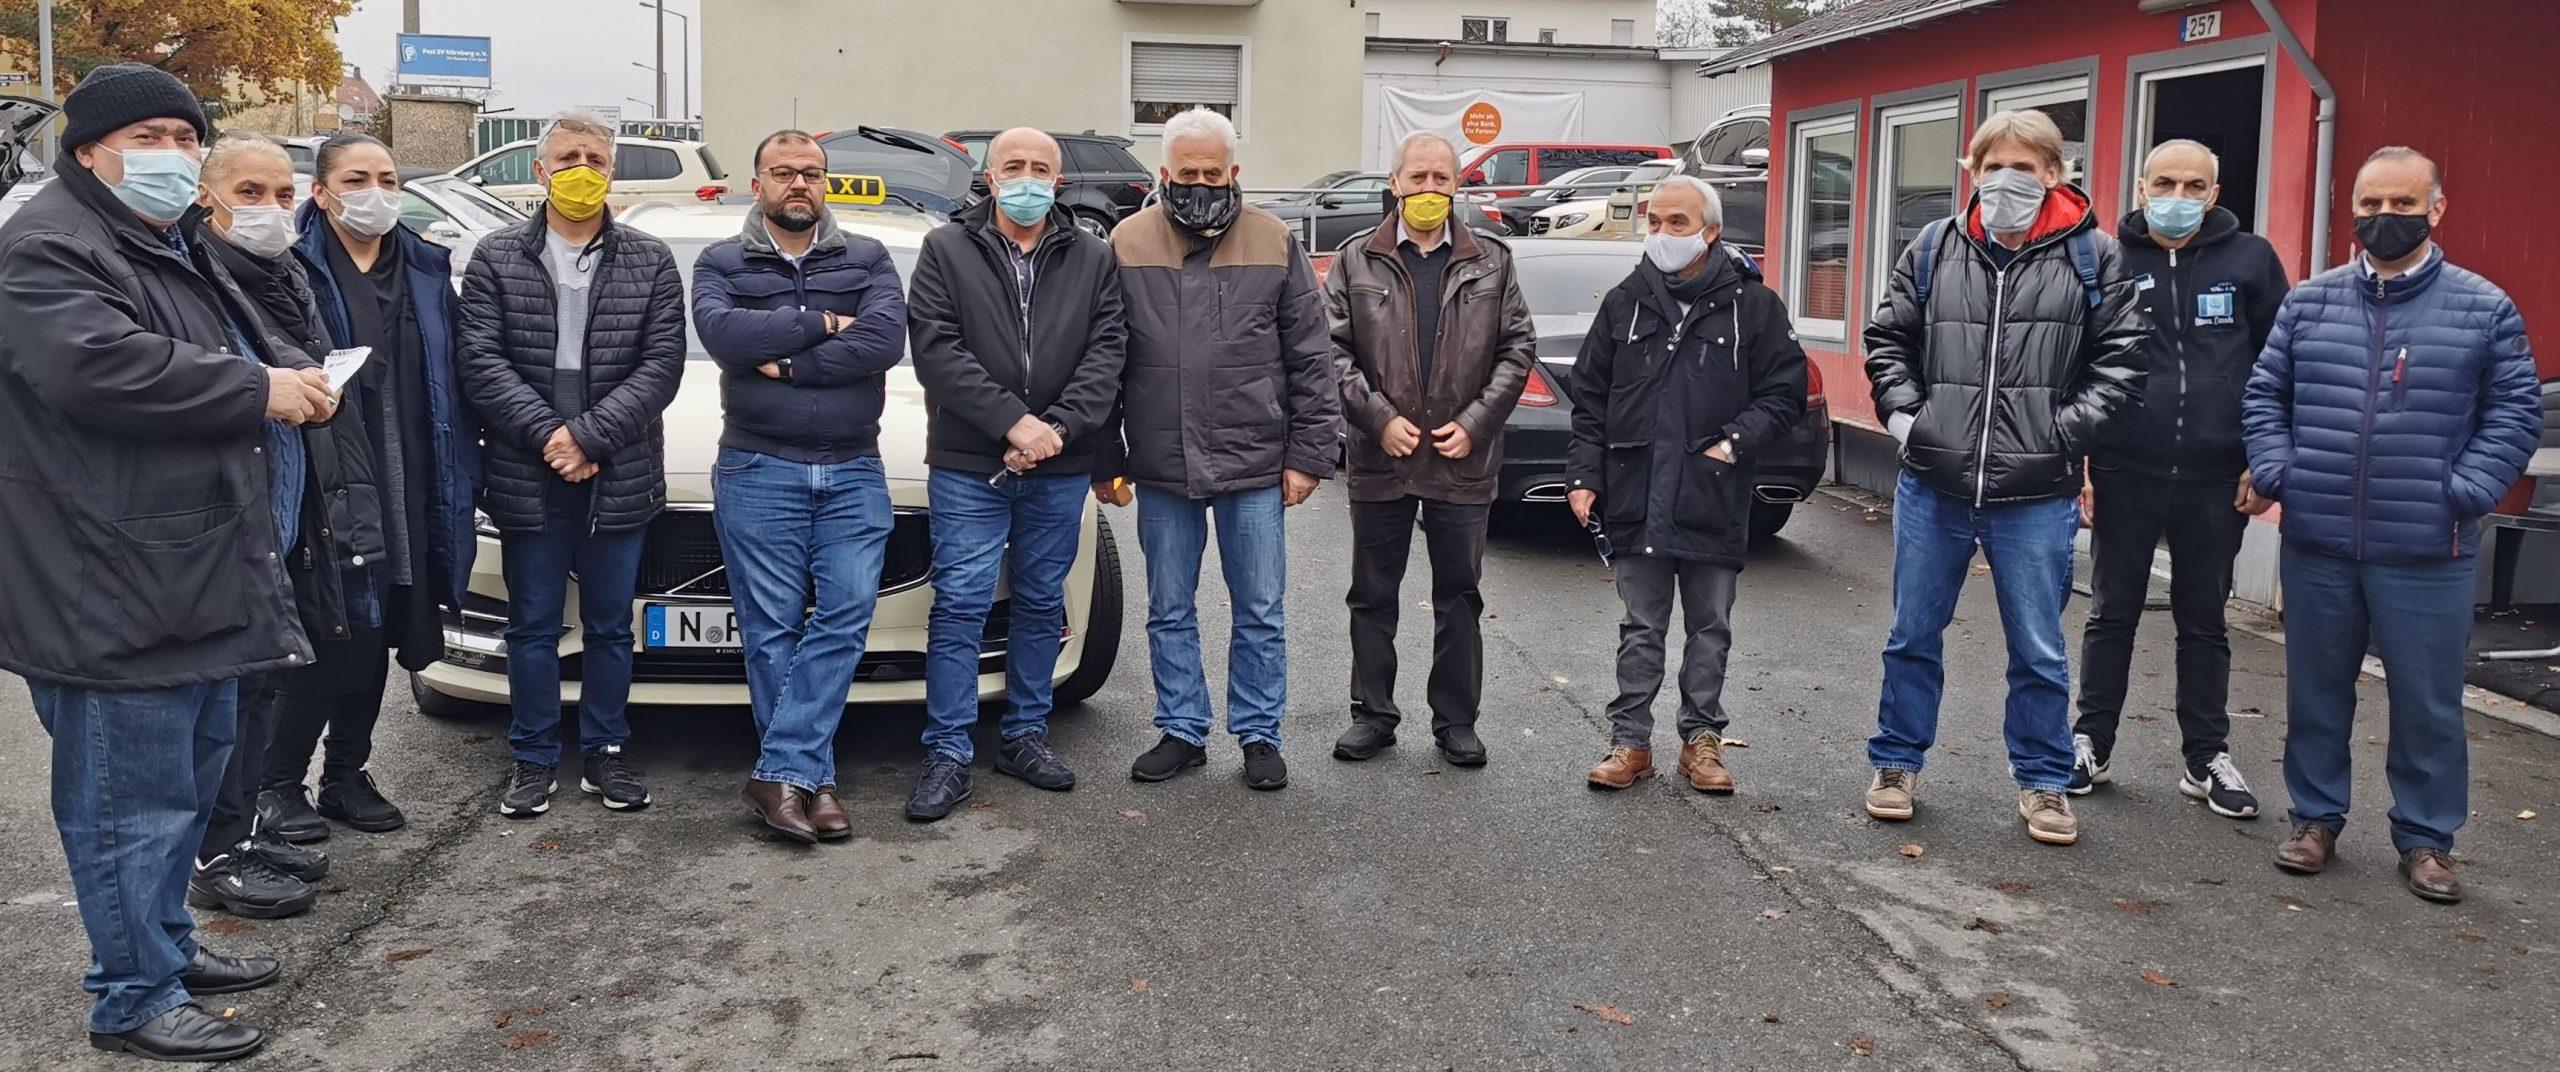 Taksiciler: Cinayetin namusla alakası yok